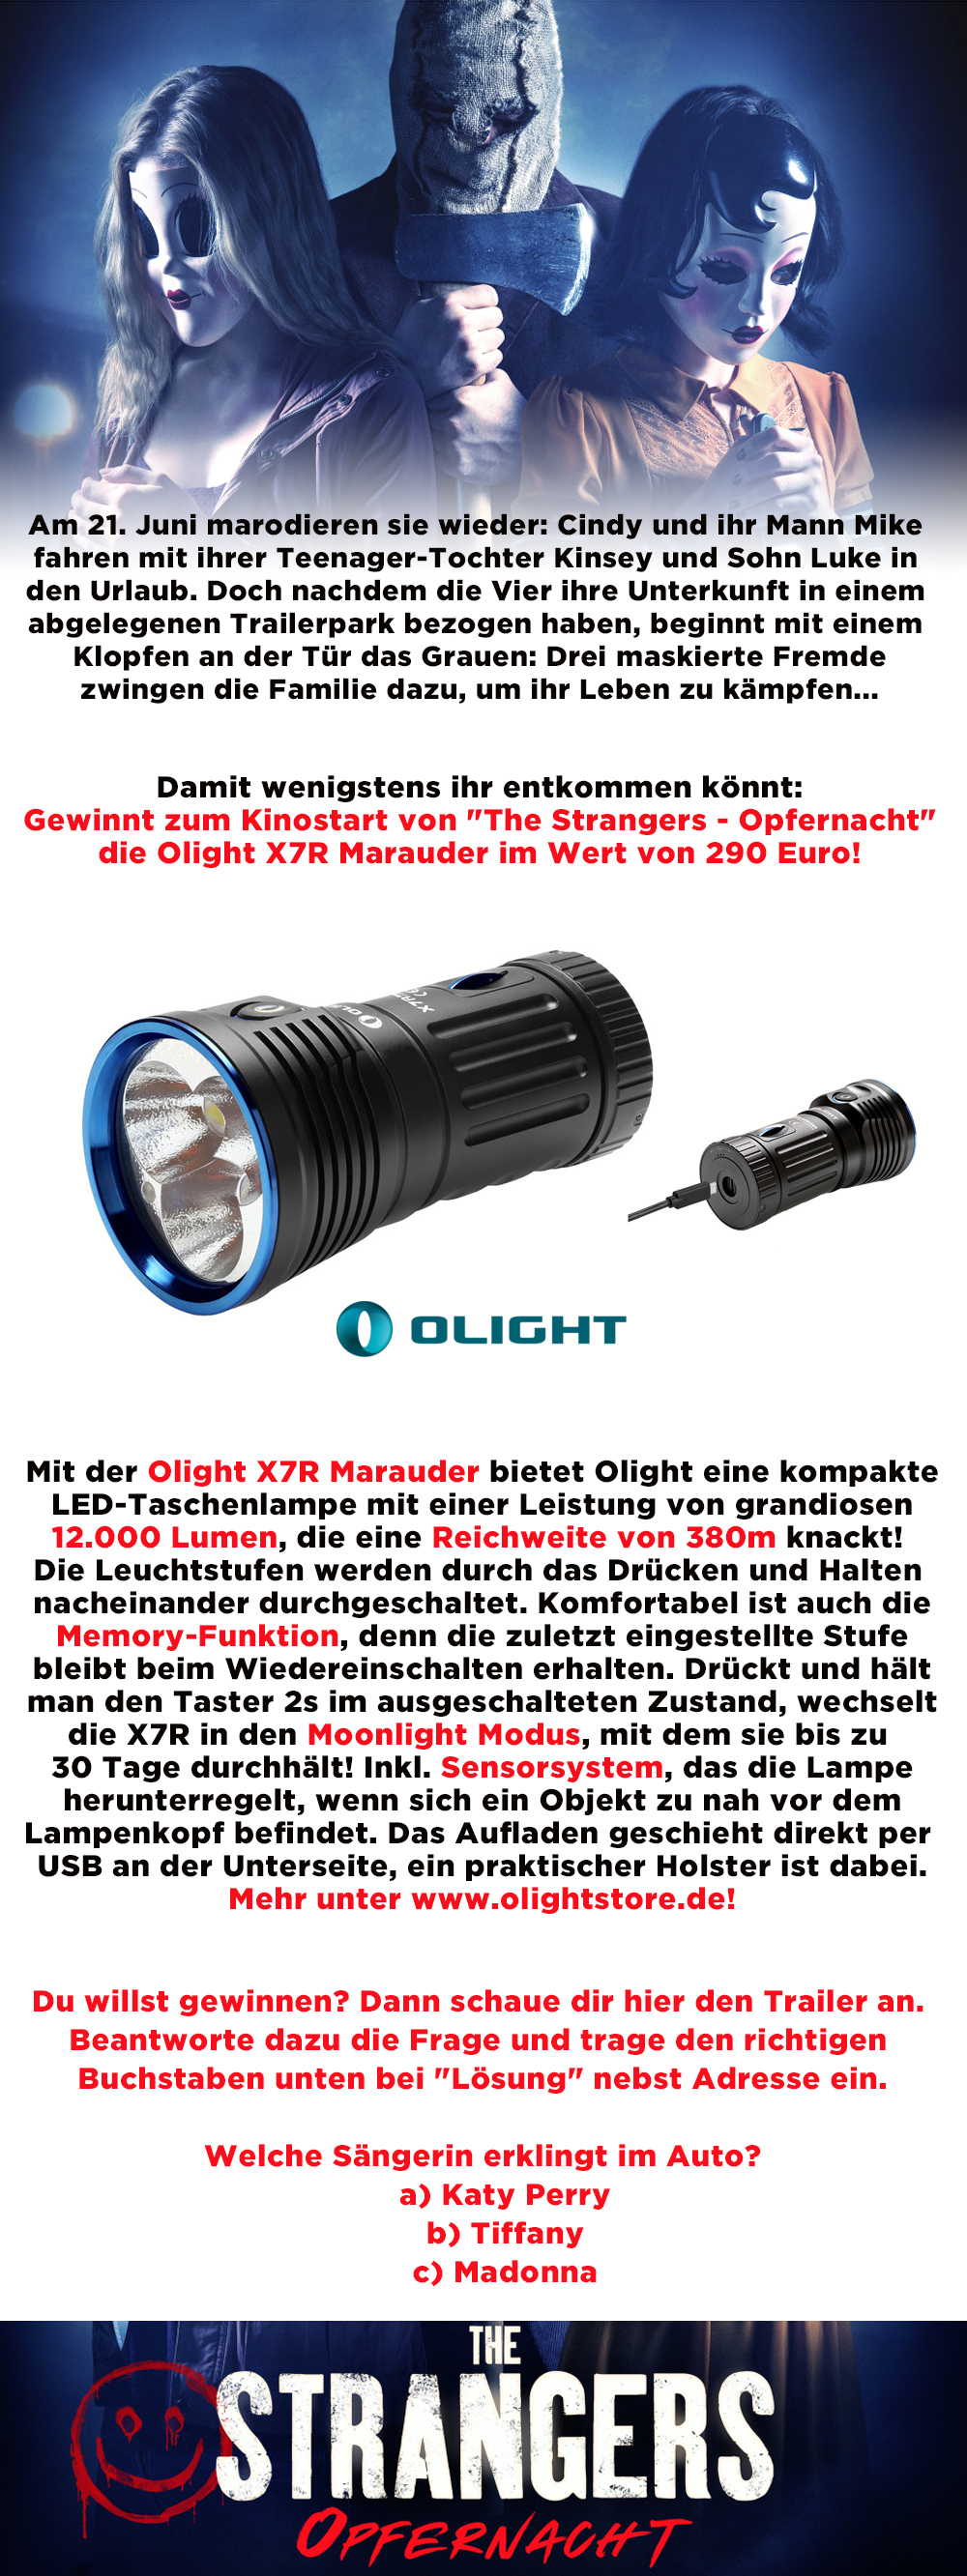 """Bild 1:Erstklassige Taschenlampe mit """"The Strangers - Opfernacht"""" gewinnen!"""